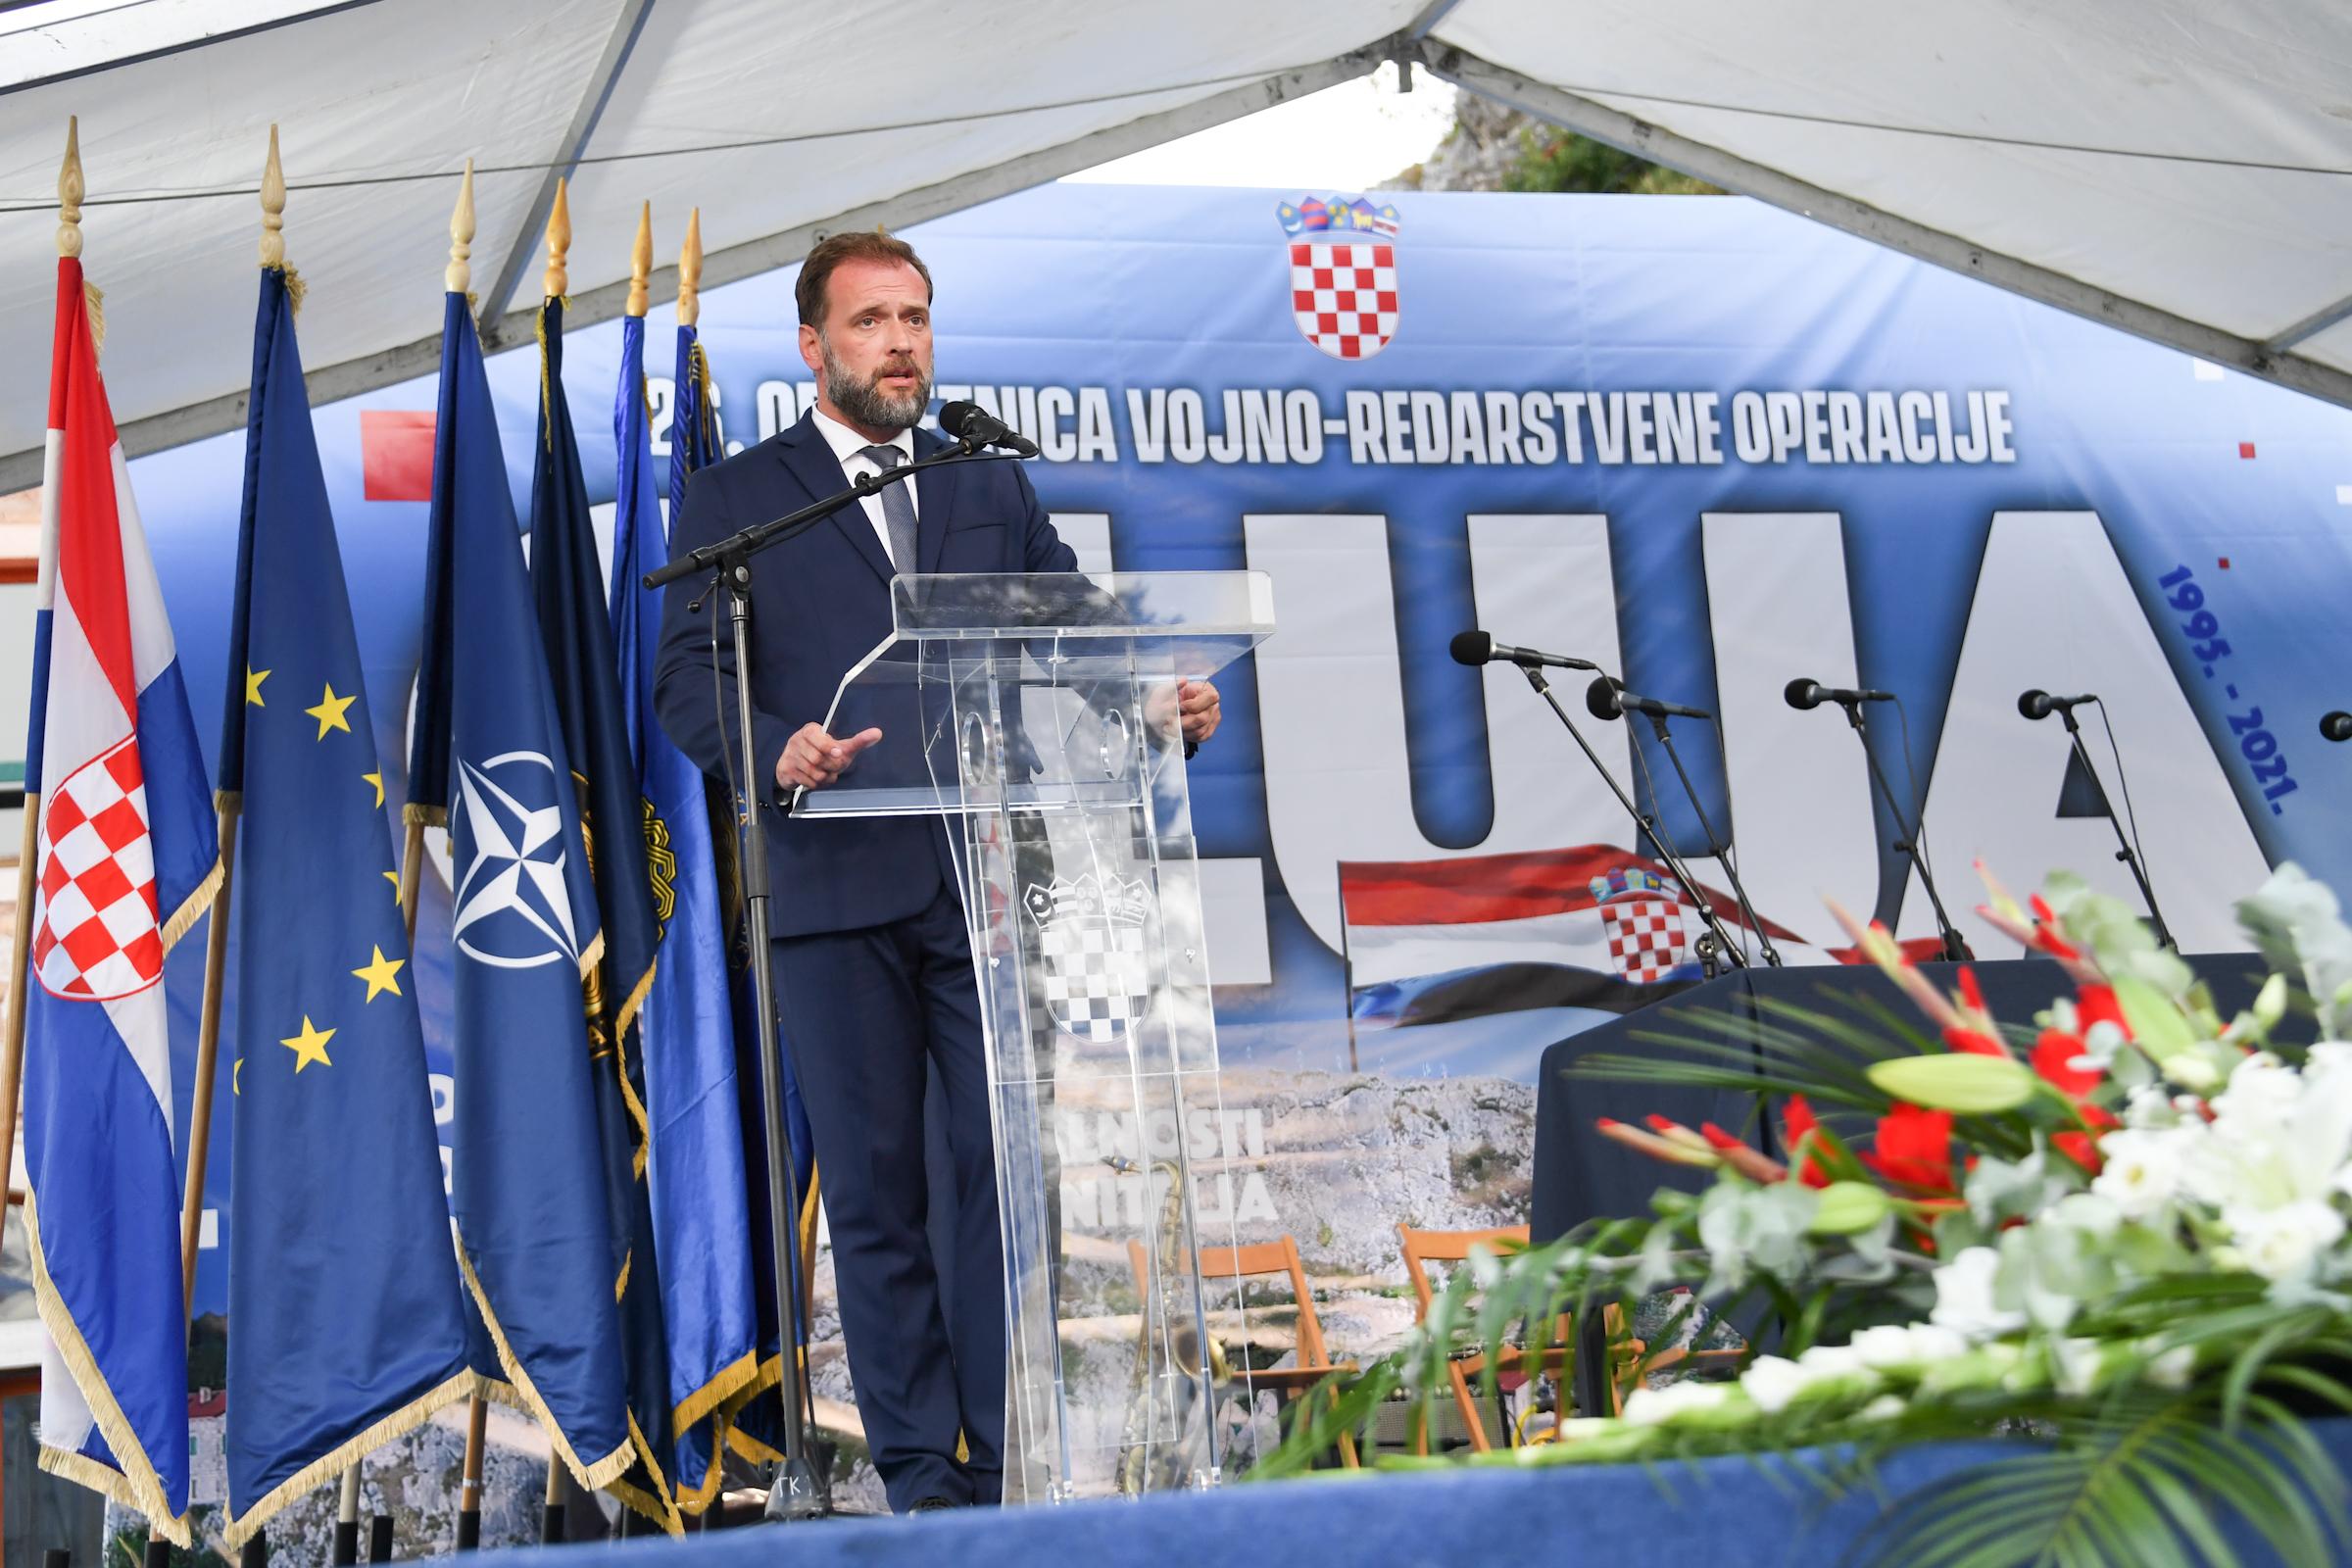 Uoči 'Oluje' Banožić i Hranj uručili poticajne mjere hrvatskim vojnicima